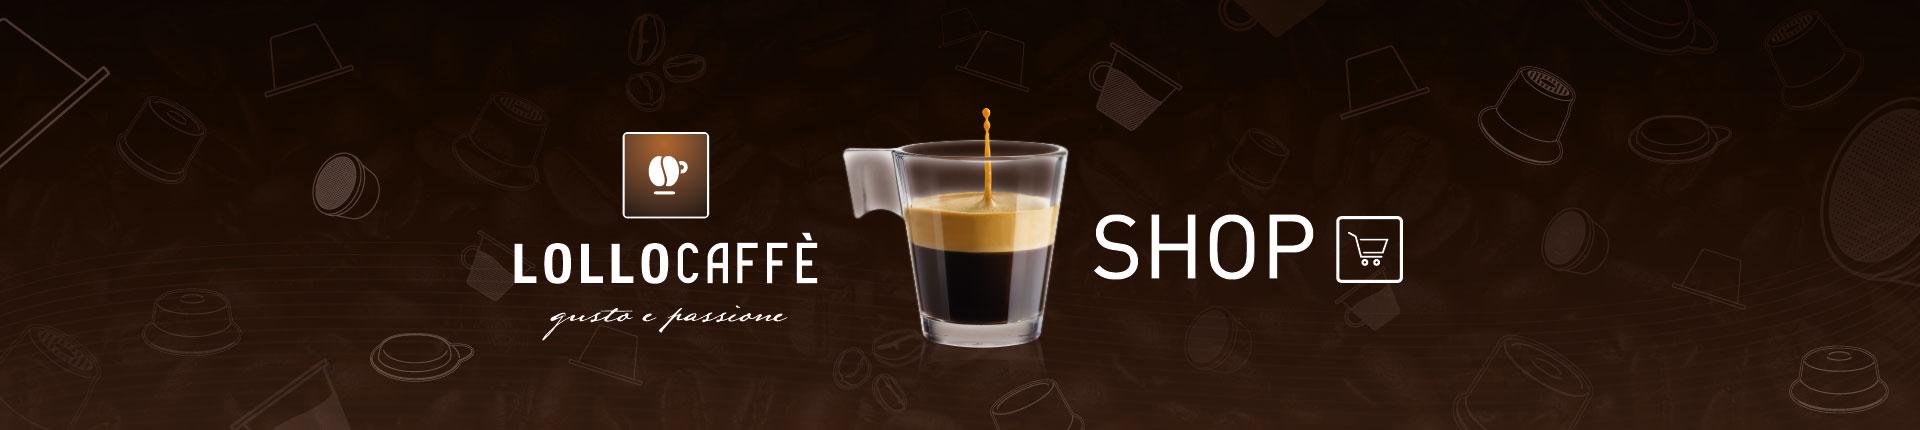 Lollo Caffe Gusto e Passione